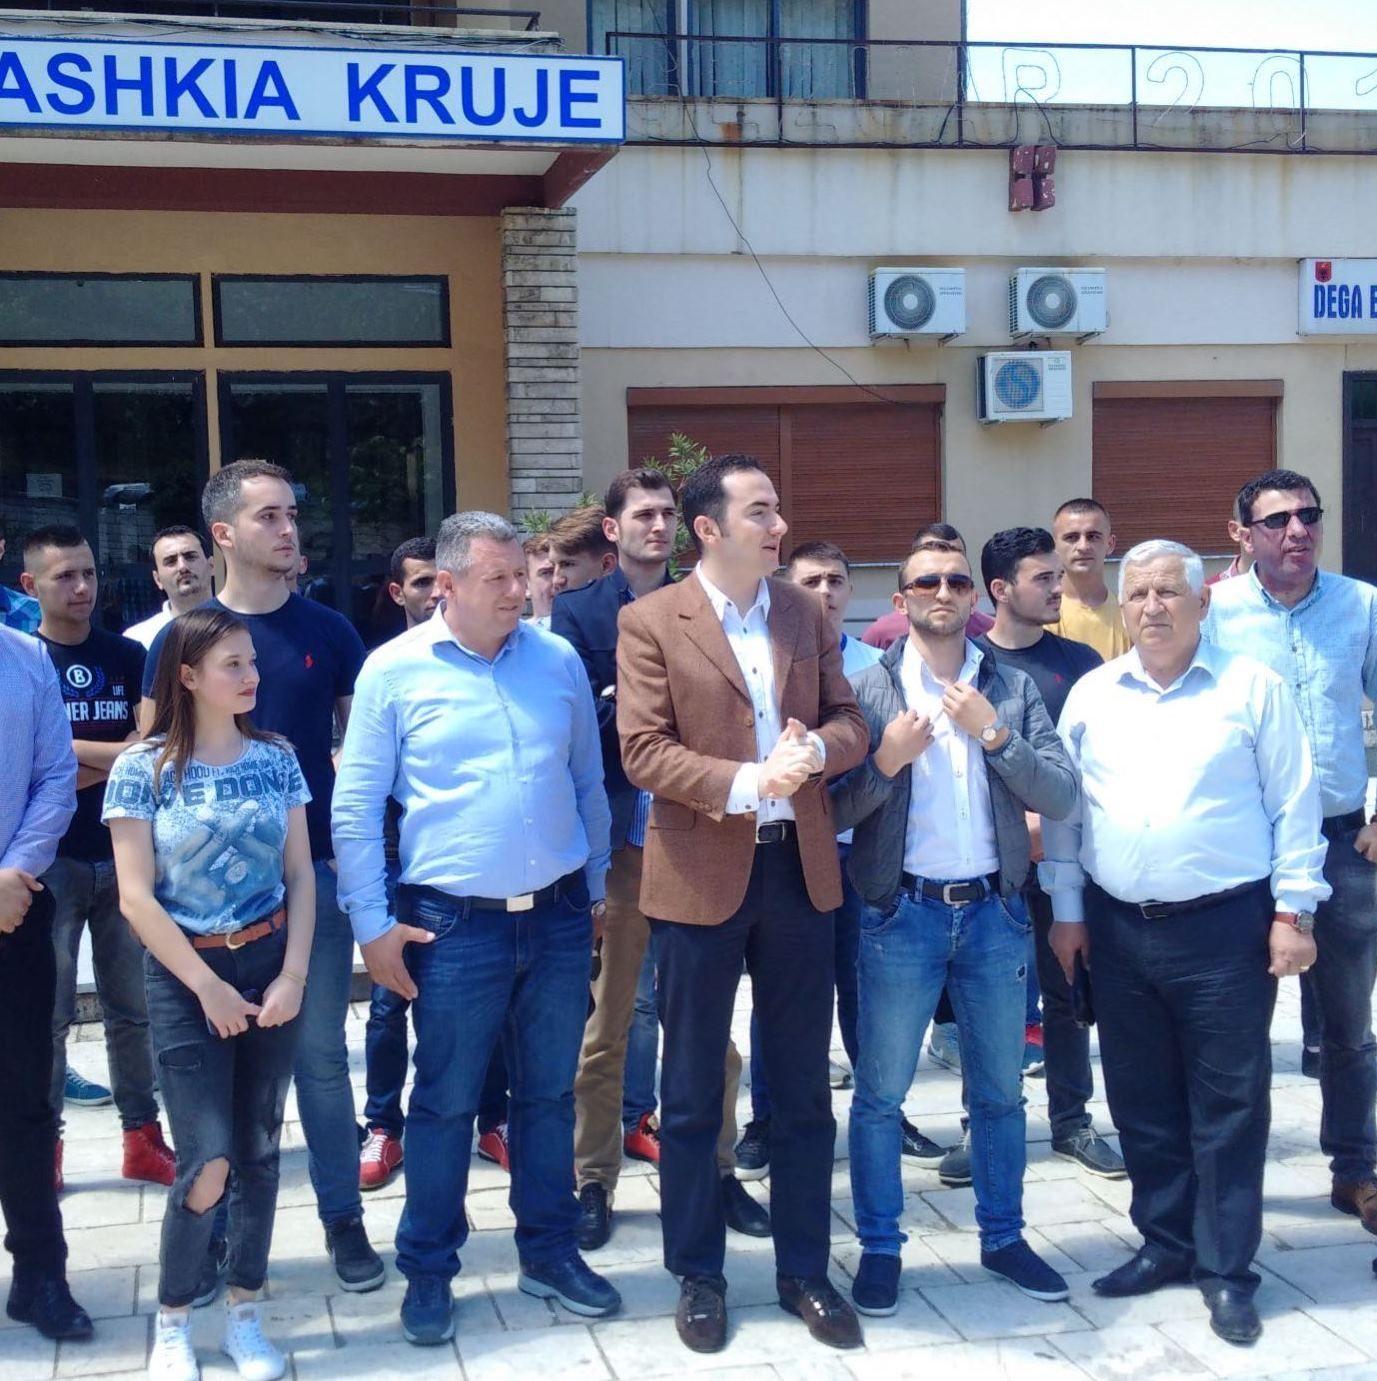 PD protestë në Krujë, kërkon largimin e kryebashkiakut Bushi